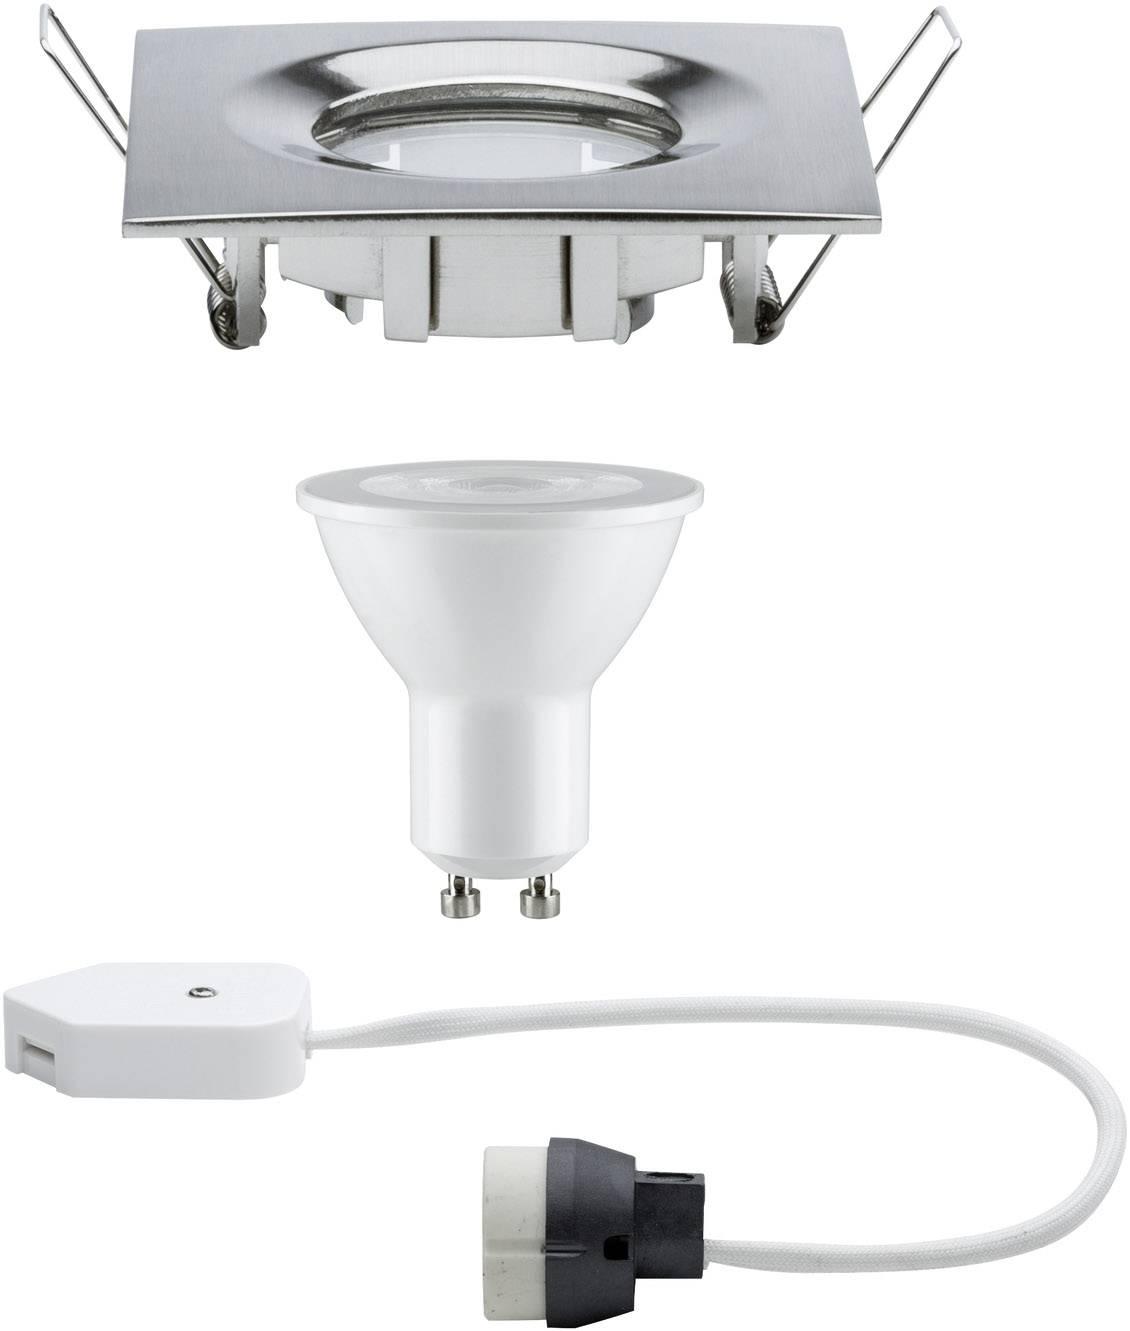 Inbouwspots Badkamer Ip65 : ▷ inbouwspots badkamer ip v kopen online internetwinkel